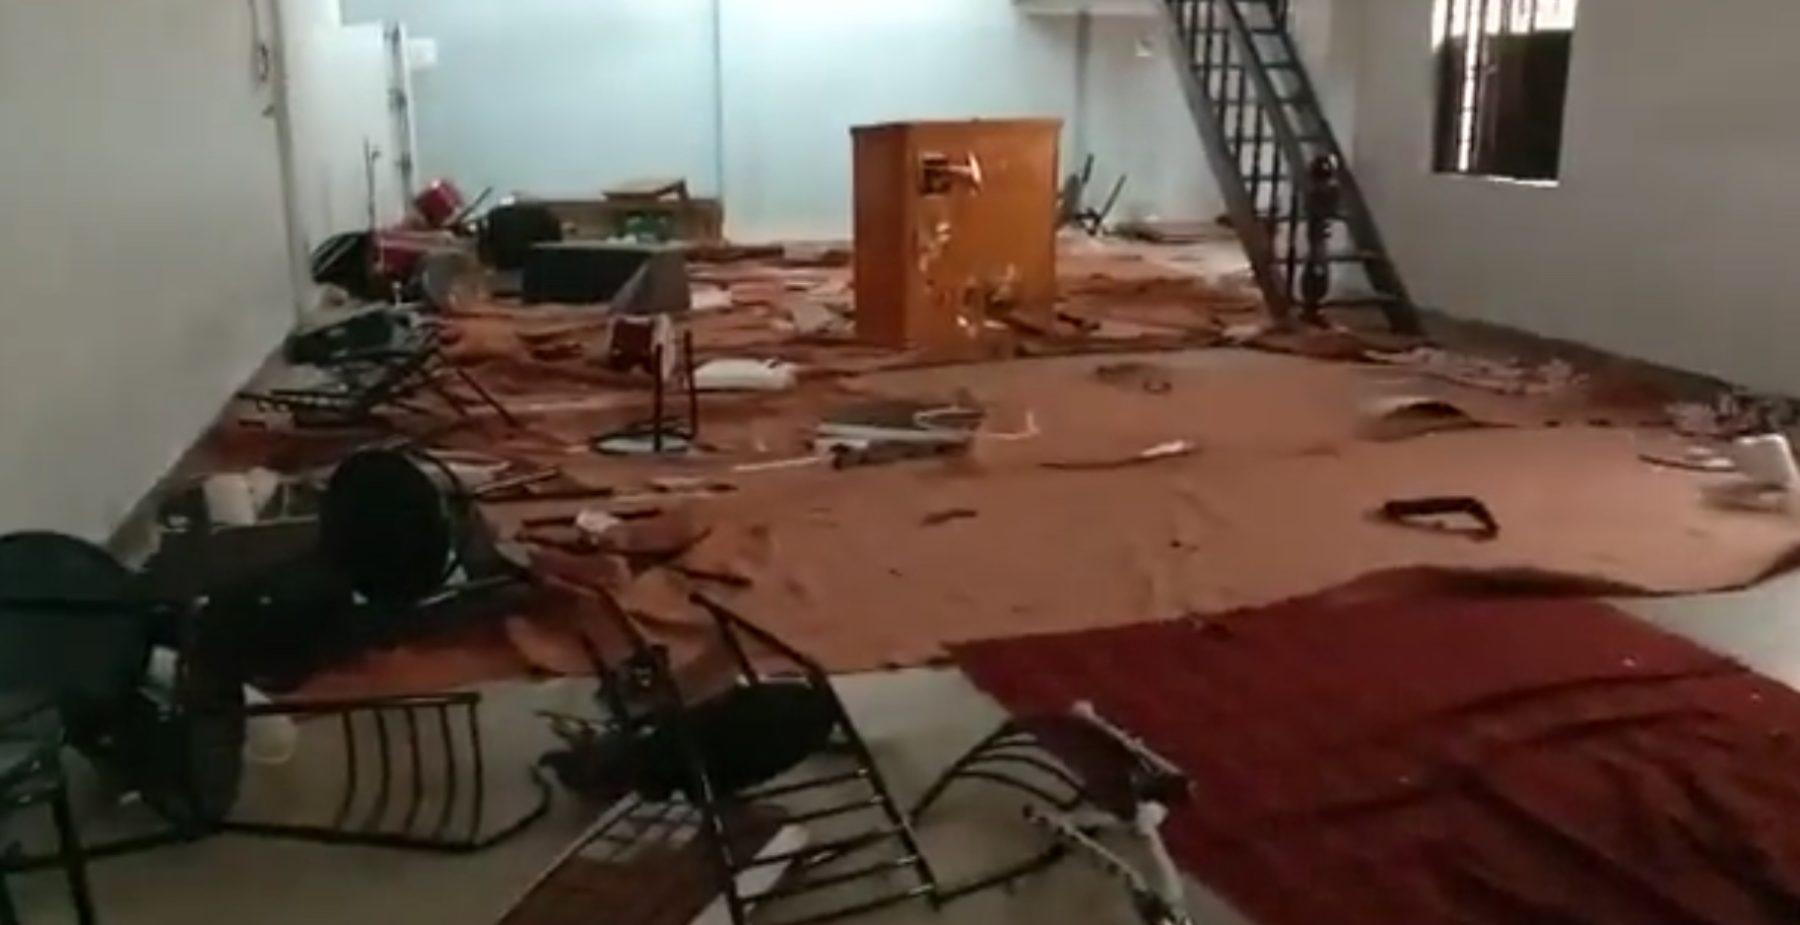 Dimanche 3 octobre, une foule d'environ 200 hommes armés de bâtons et de gourdins ont pris d'assaut une église protestante de la ville de Roorkee, dans l'Etat d'Uttarakhand, dans le nord de l'Inde.